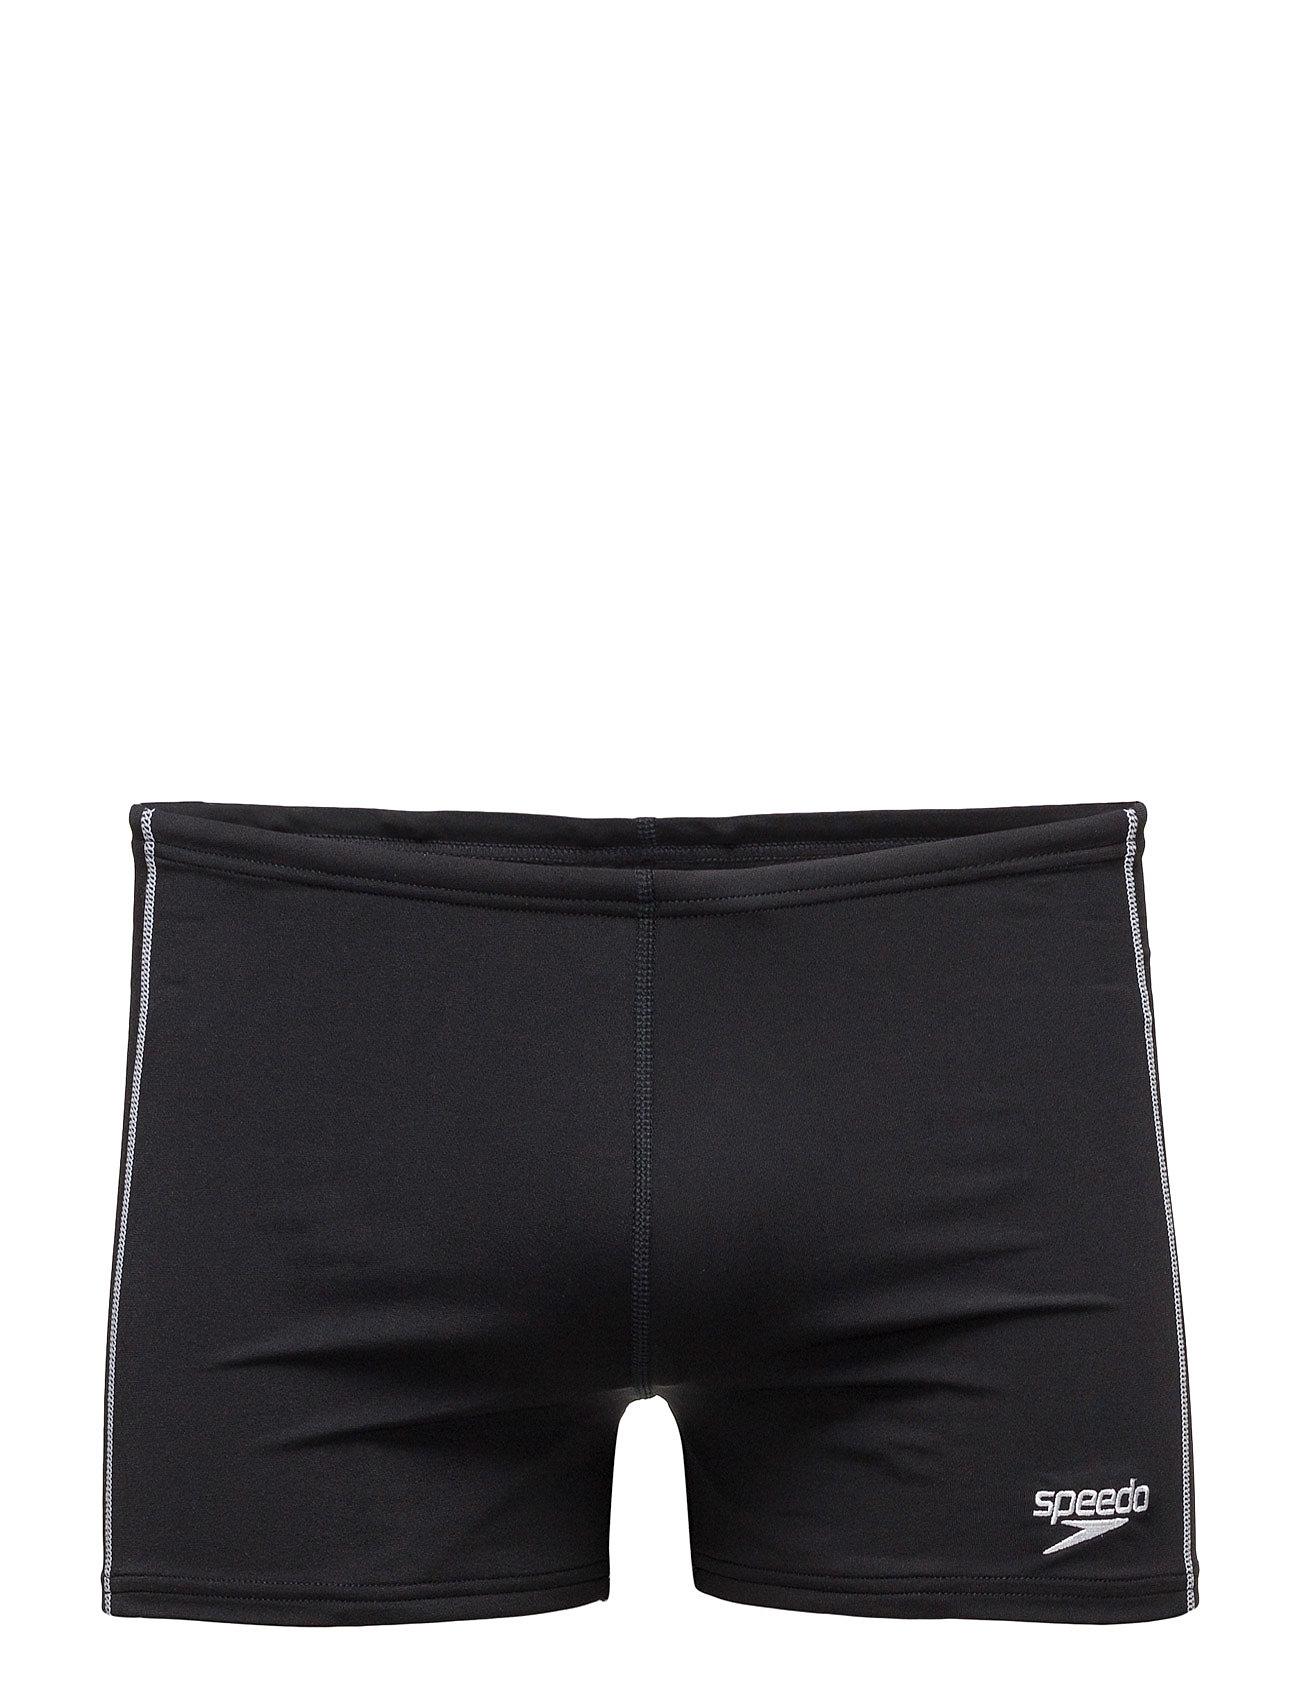 Image of Essential Classic Aquashort Swimwear Briefs & Speedos Sort Speedo (3180059413)